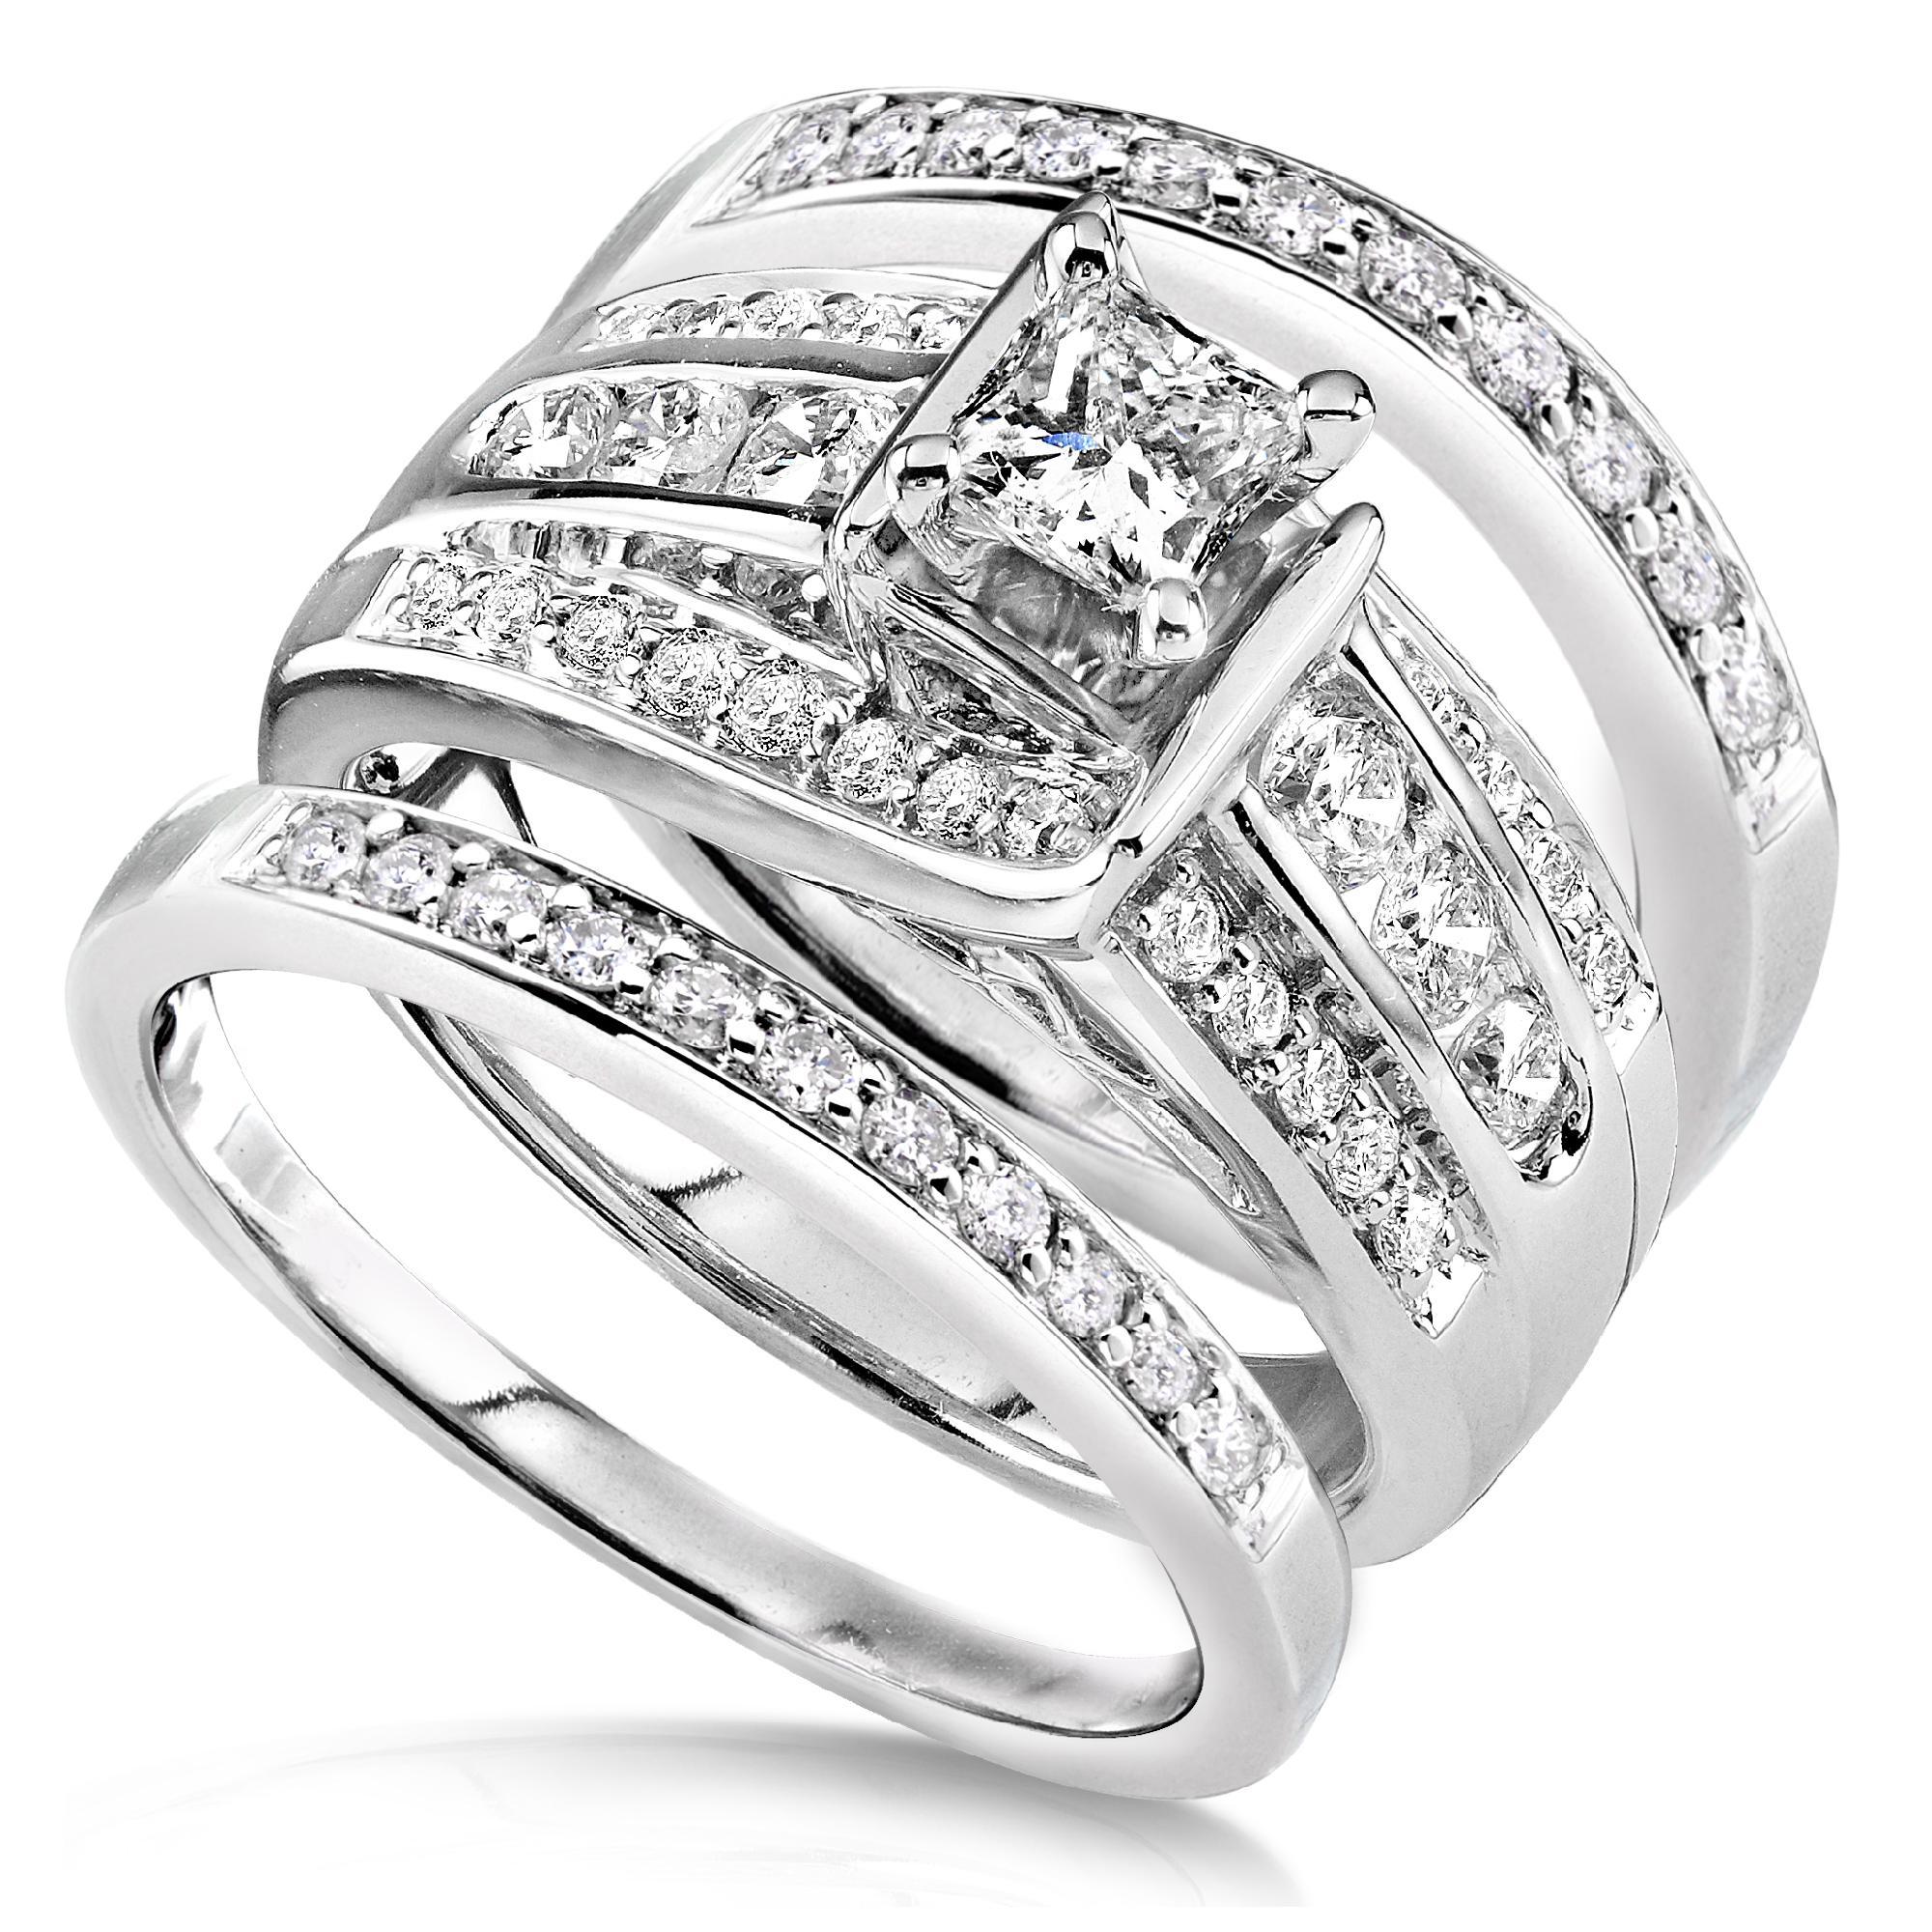 Diamond Me Princess Diamond Wedding Ring Set 1 110 Carat